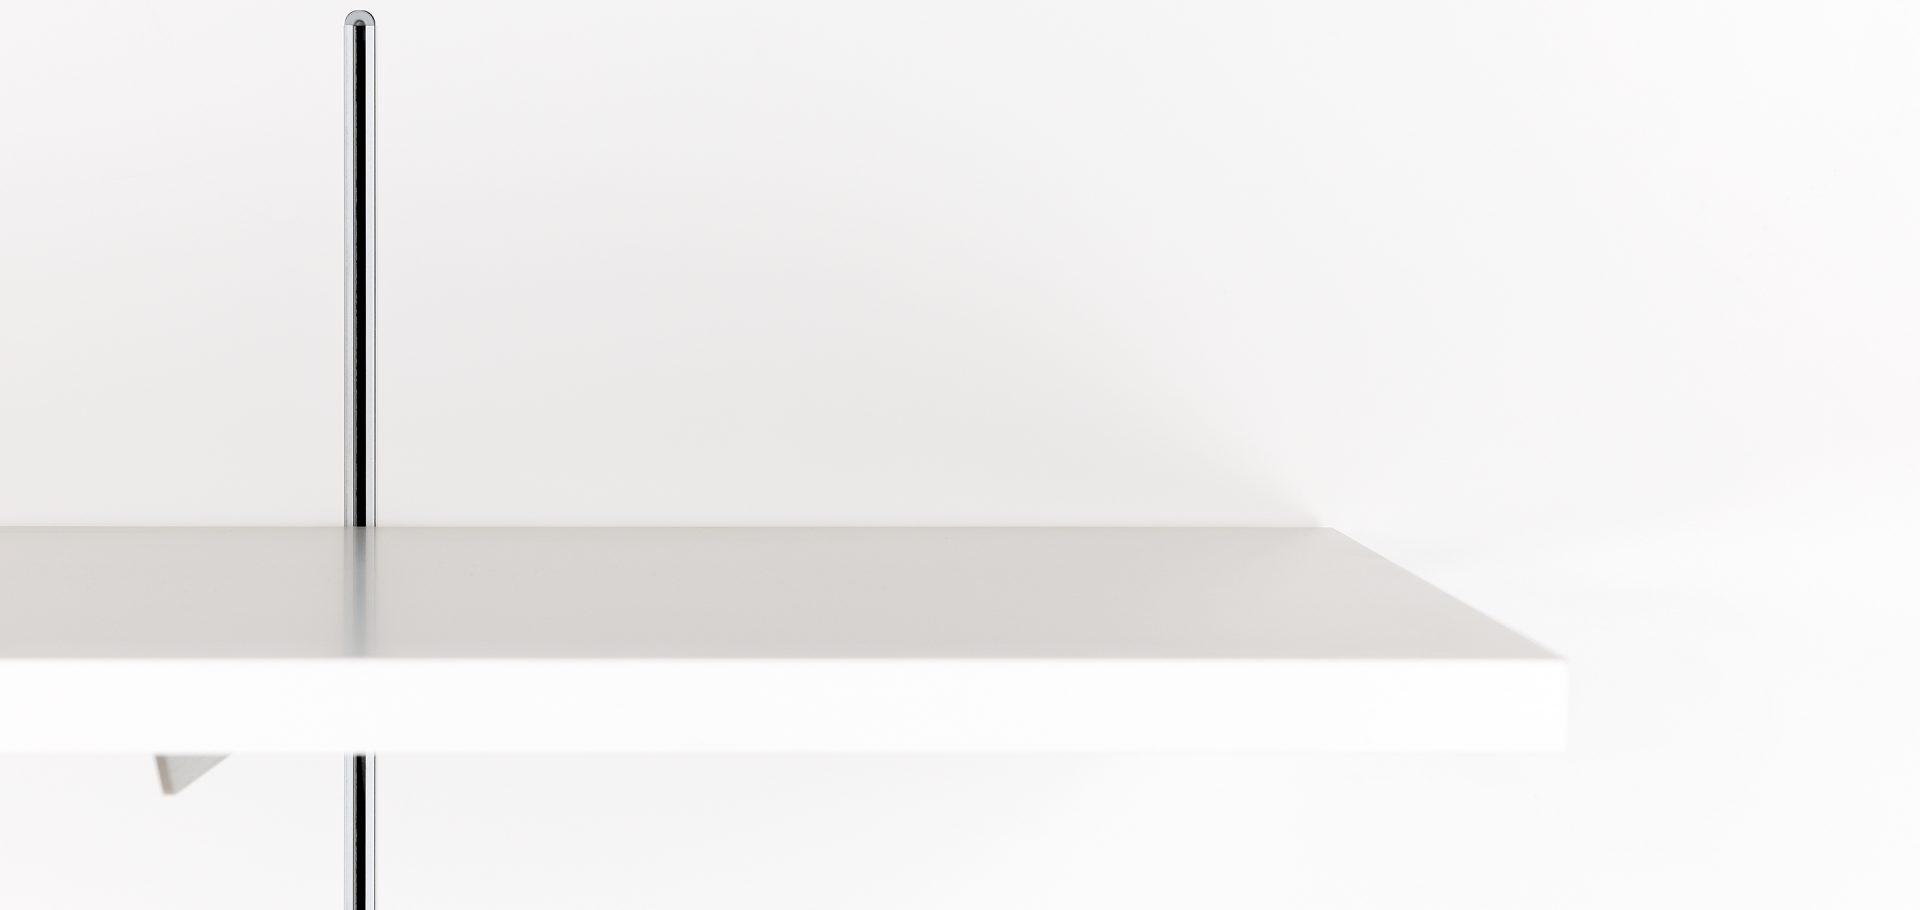 https://www.thedreamfactory.es/wp-content/uploads/2019/05/3-seam35_2880x1400-1920x910.jpg